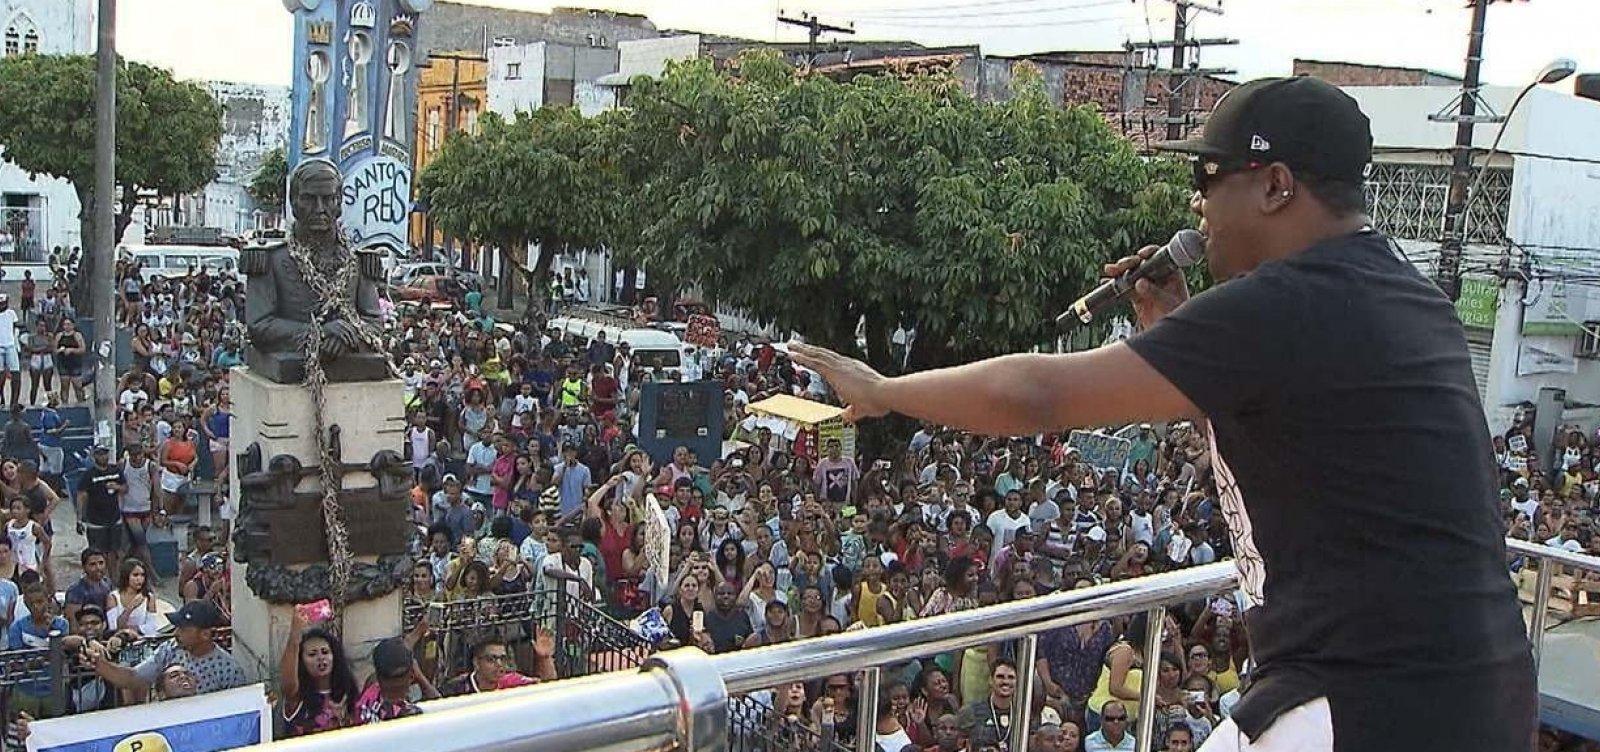 Márcio Victor comemora aniversário com 'Arrastão' do Psirico na Liberdade